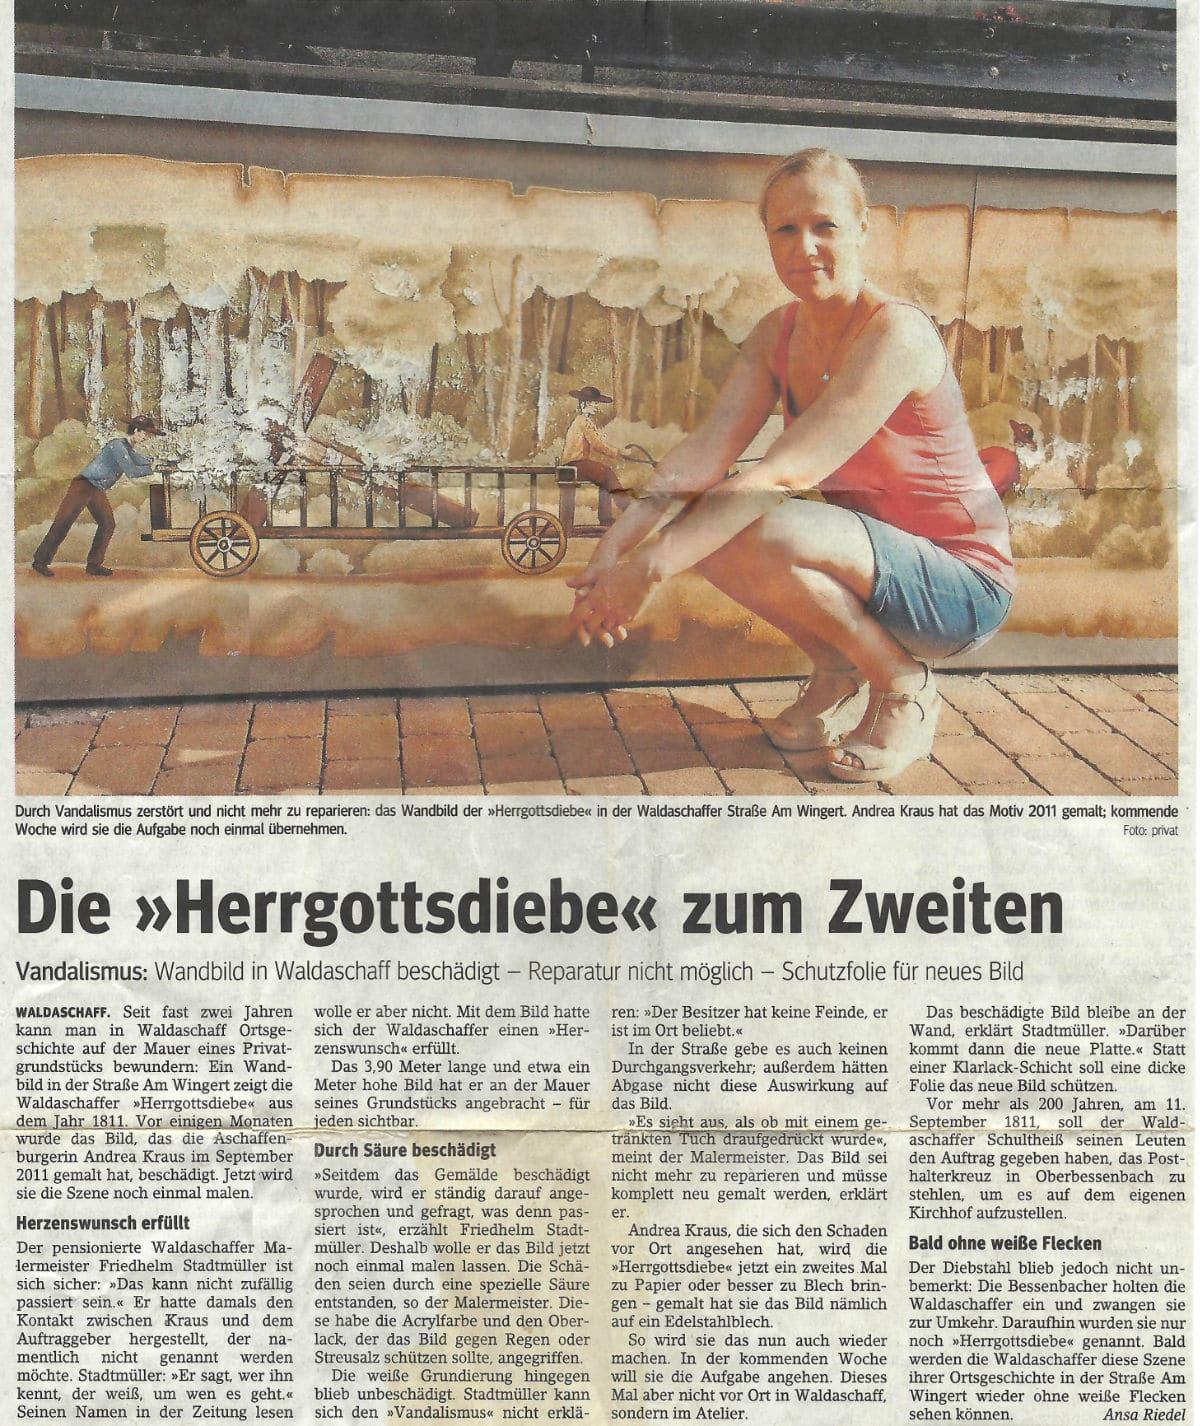 """Die """"Herrgottdiebe"""" zum Zweiten (Andrea Kraus / Main Echo / 2011)"""